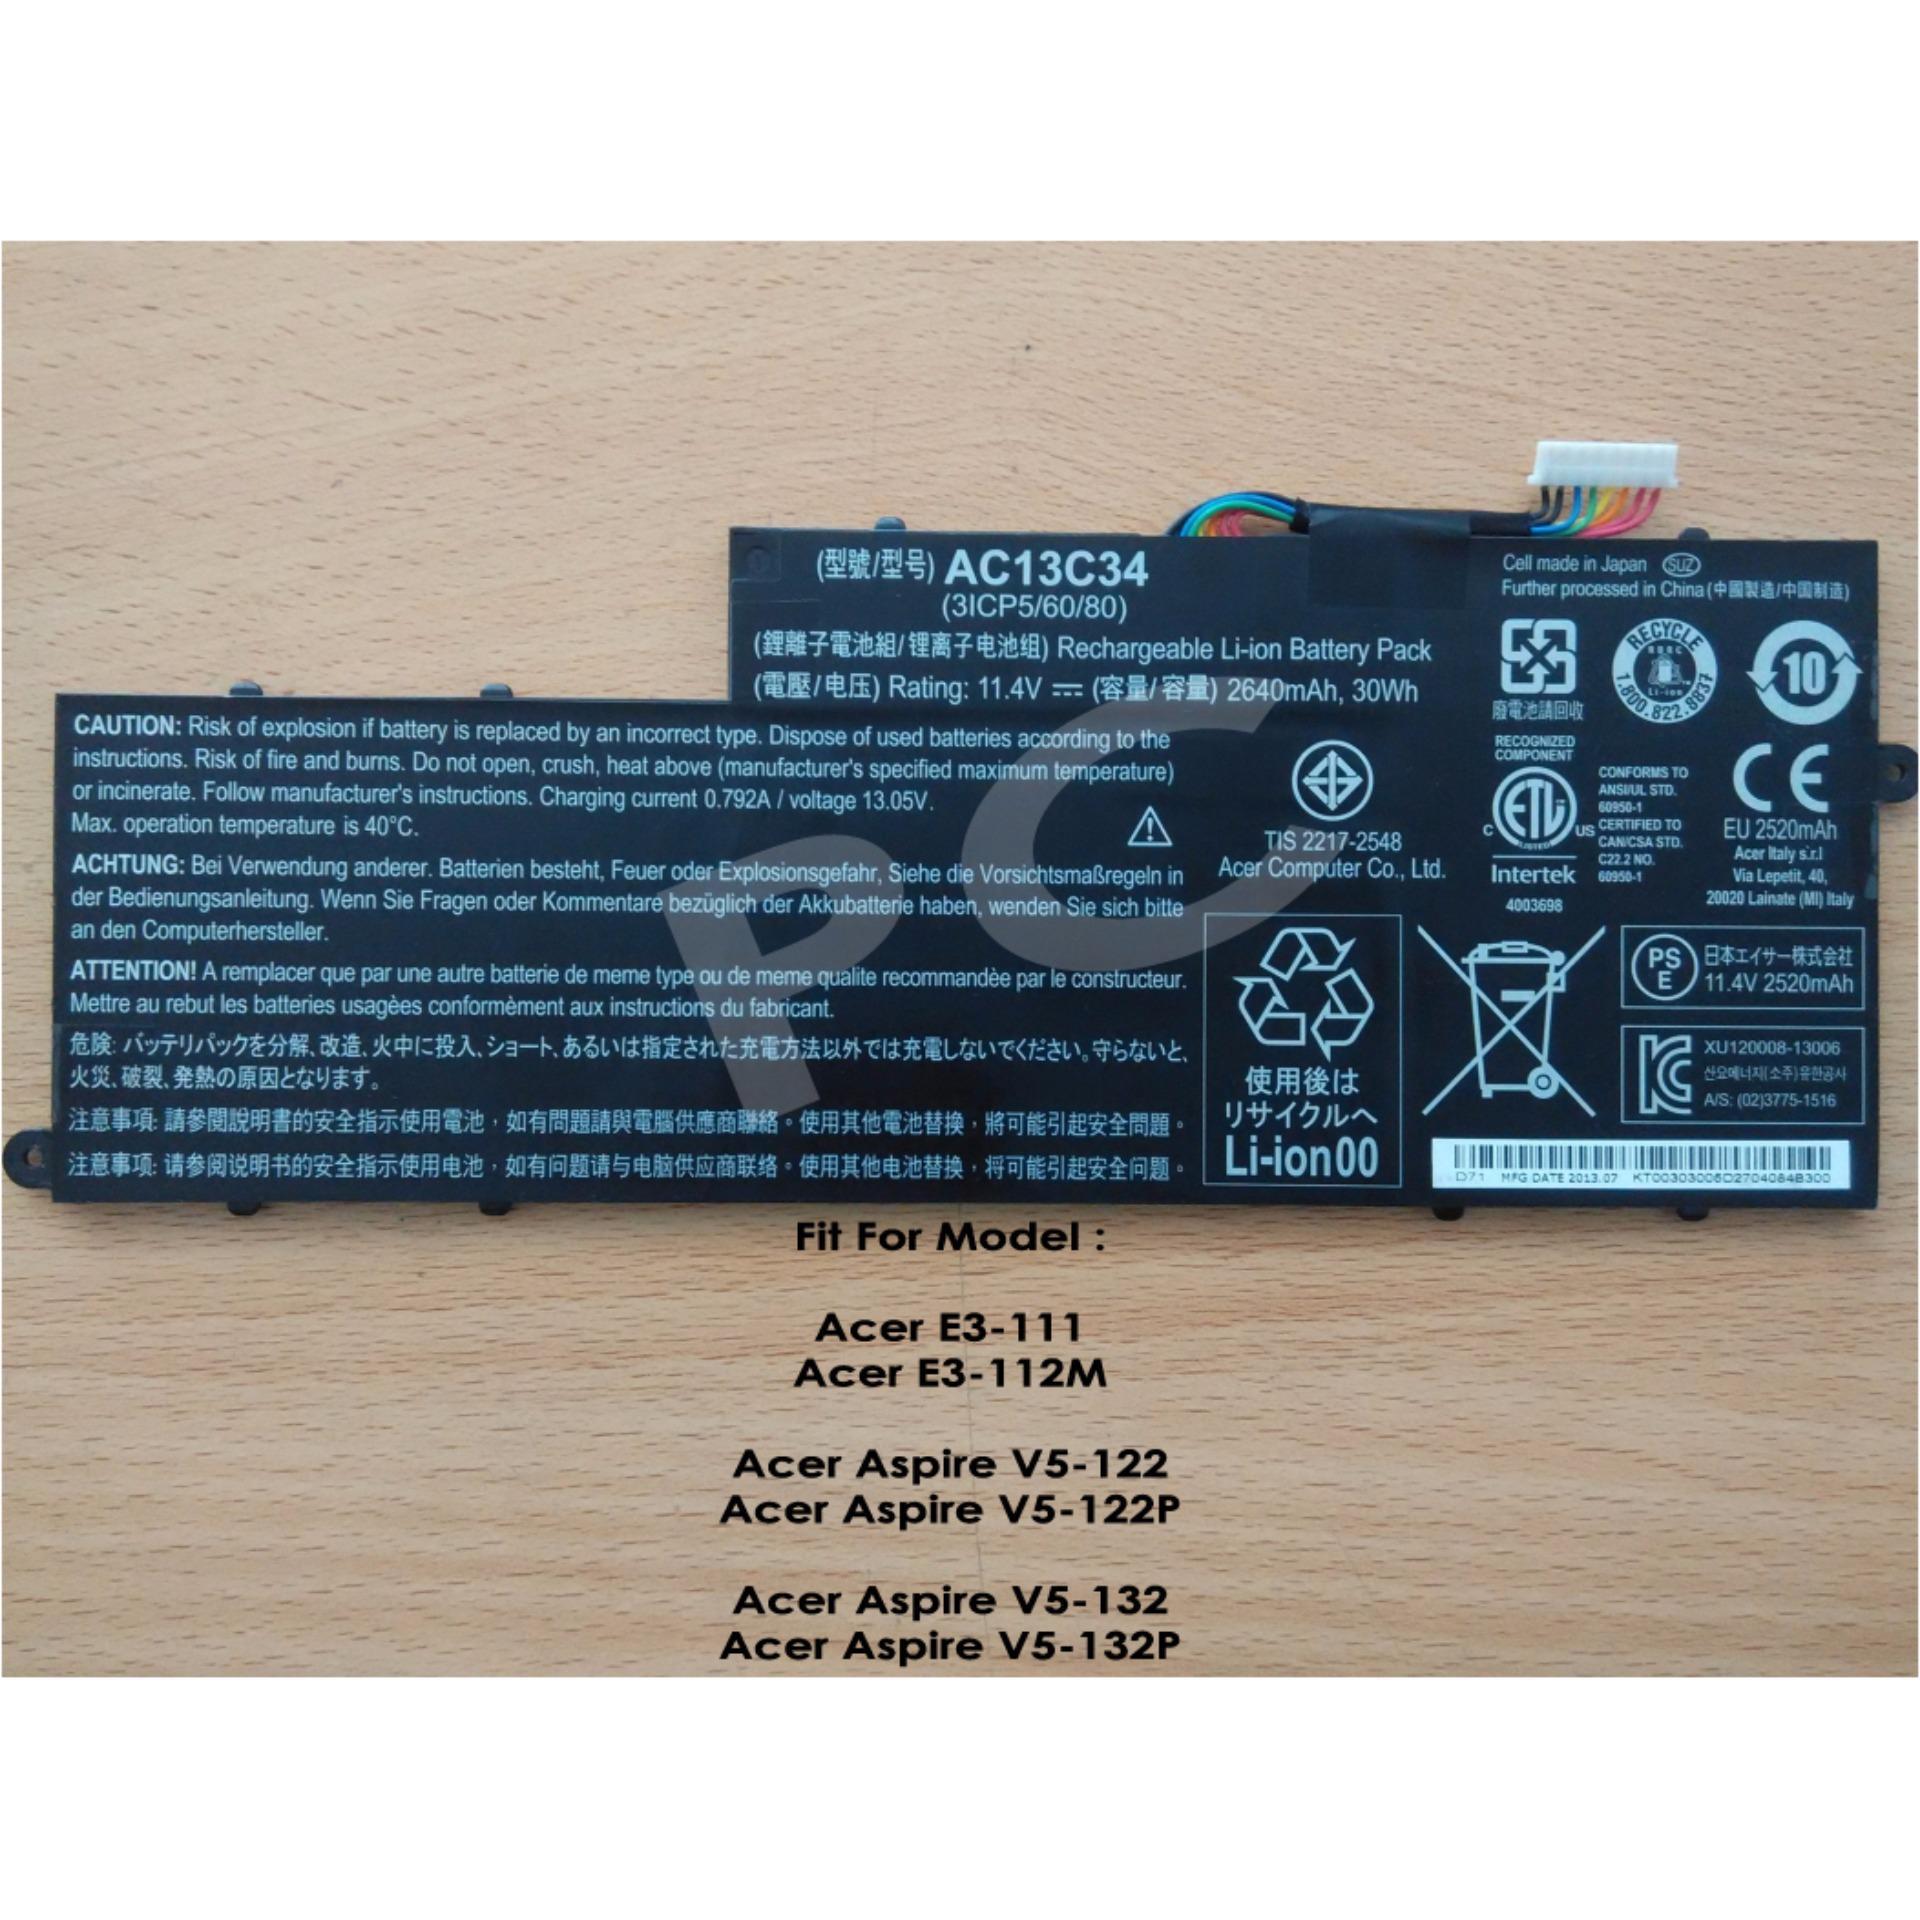 Acer V3 371 V5 122p Tmp236 E3 111 E11 V13 S11 Keyboard Film Baterai Laptop Aspire 431 431g 471 471g 531 Flash Sale Original 122 132 Ac13c34